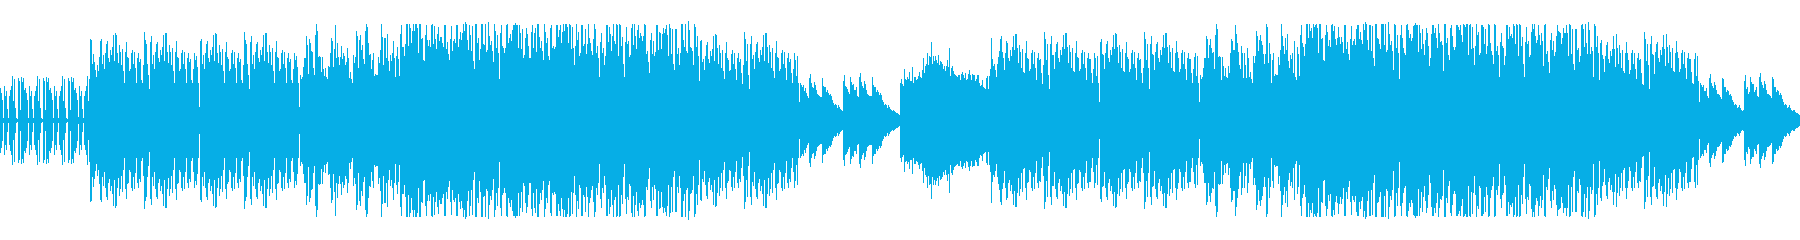 リズムのあるEDM風ループ曲の再生済みの波形